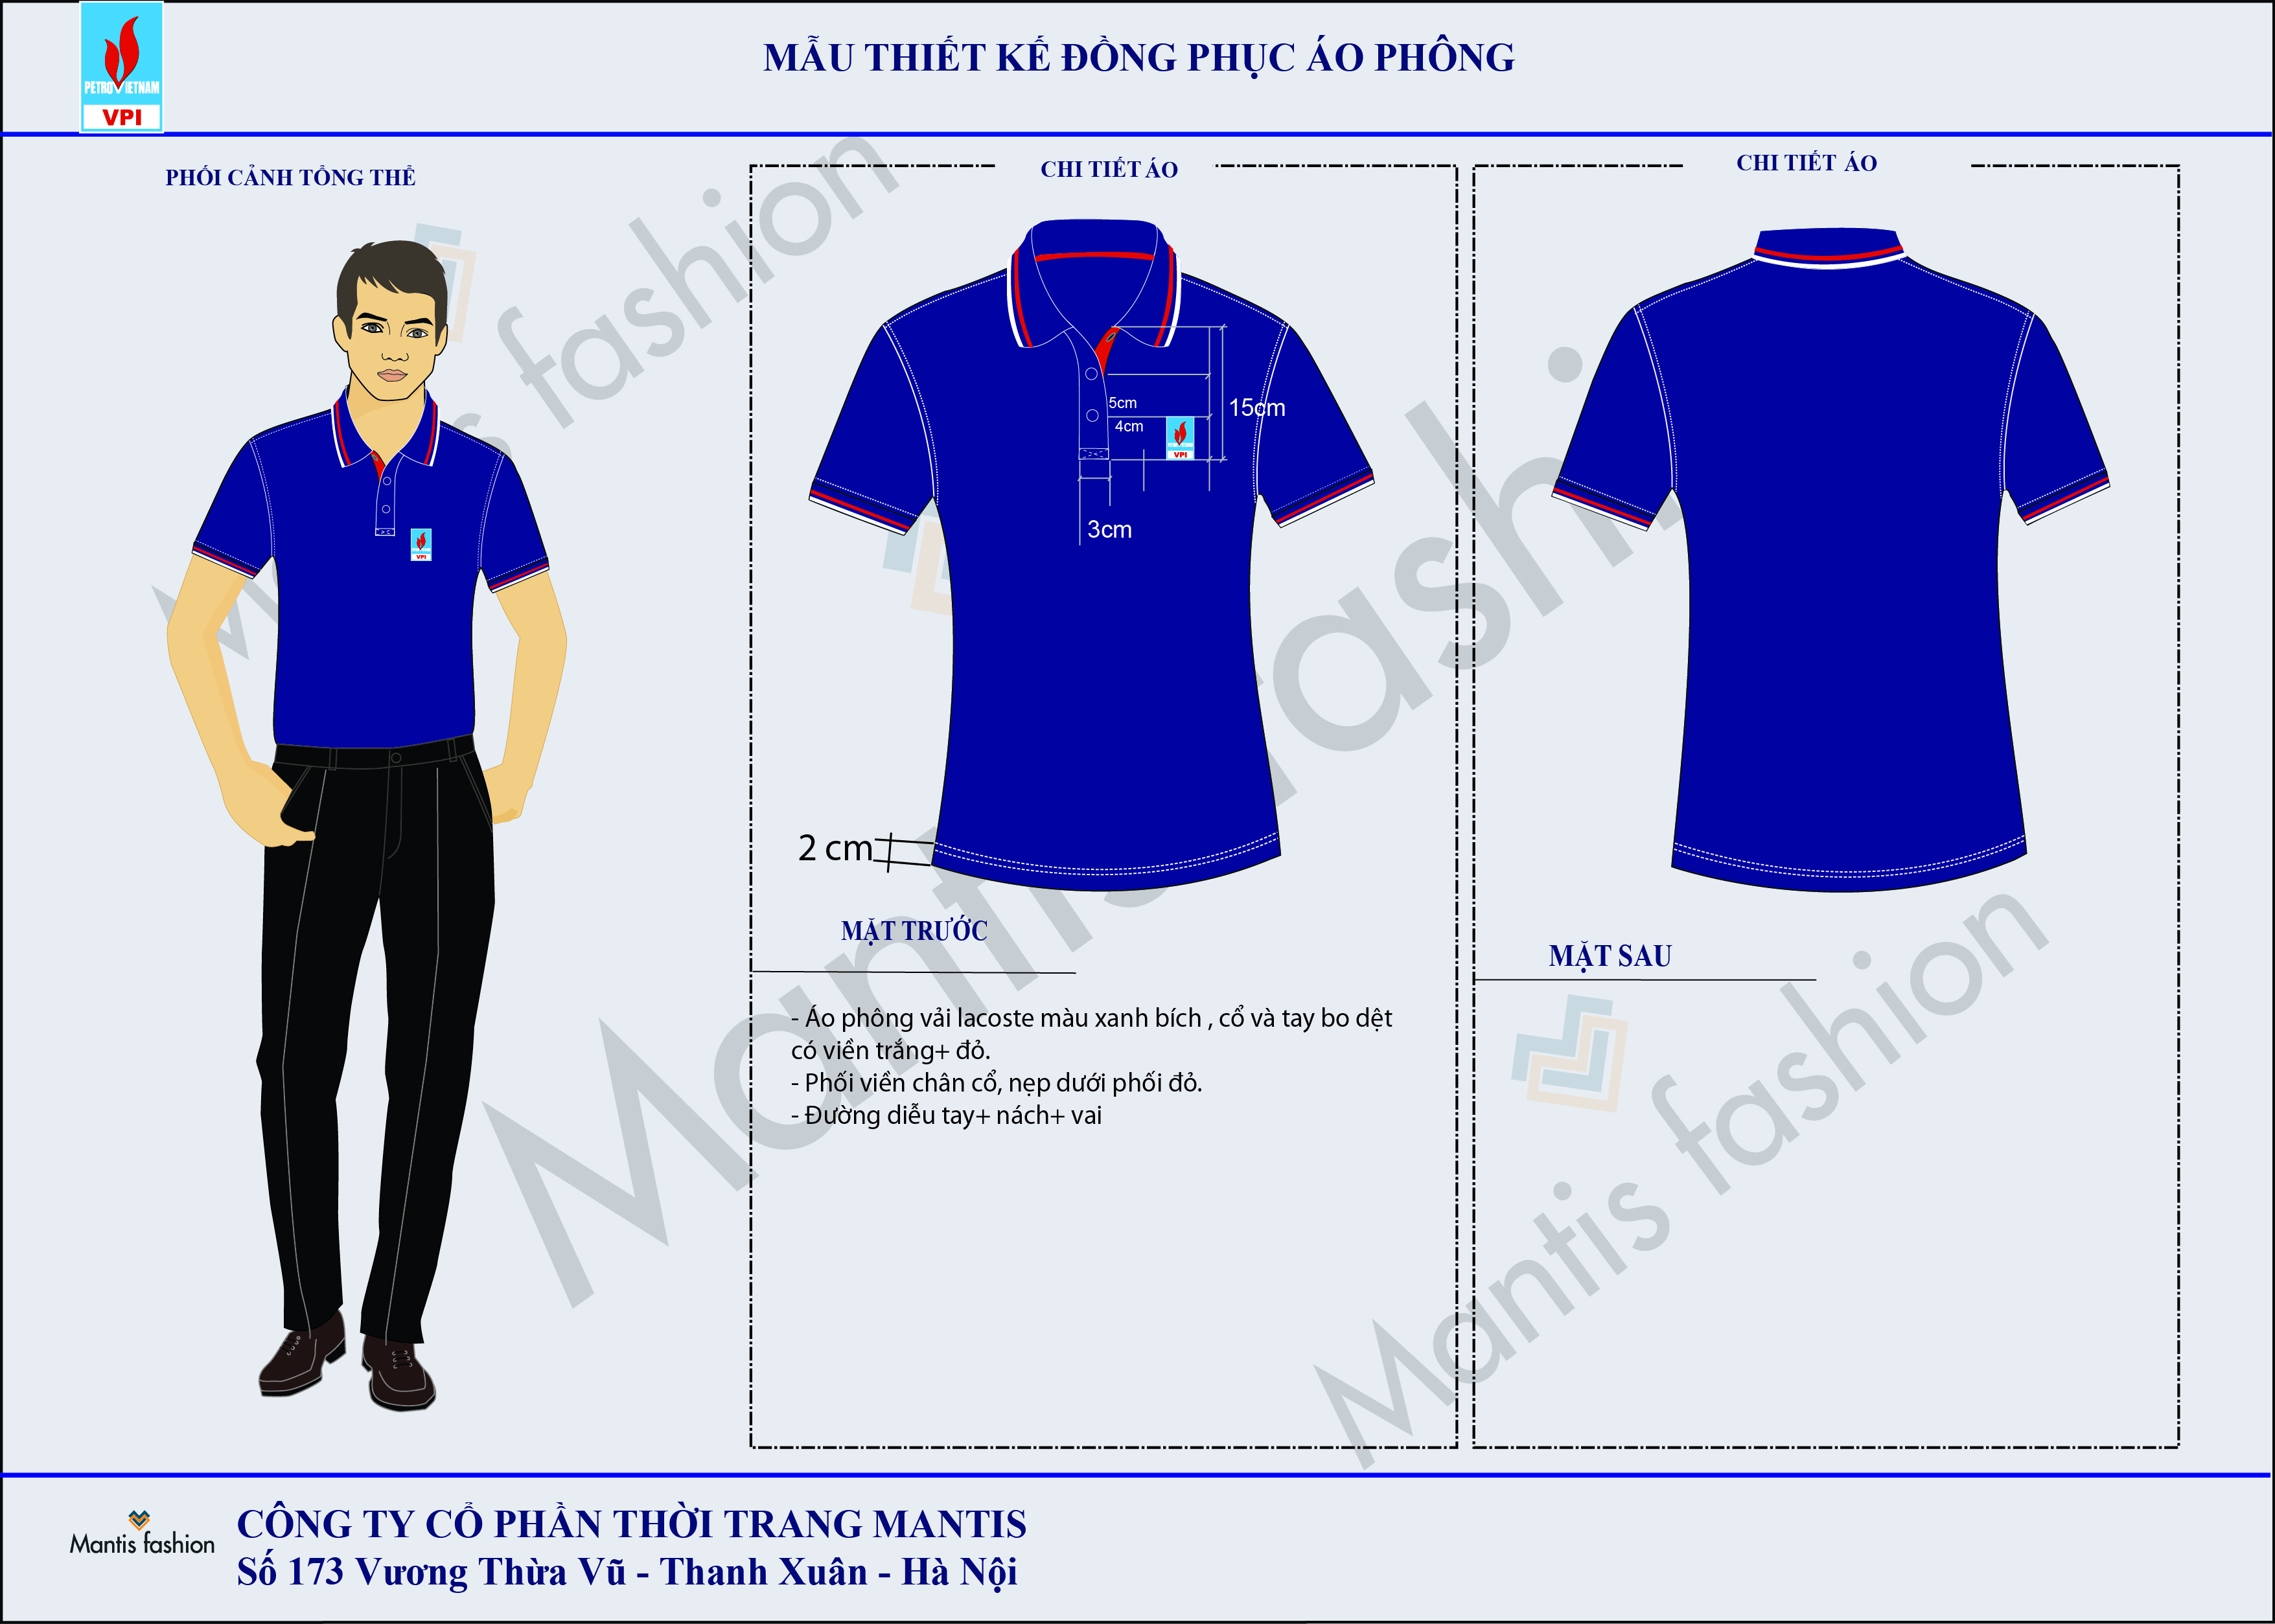 đồng phục áo phông cổ bẻ 011 - Thời trang Mantis